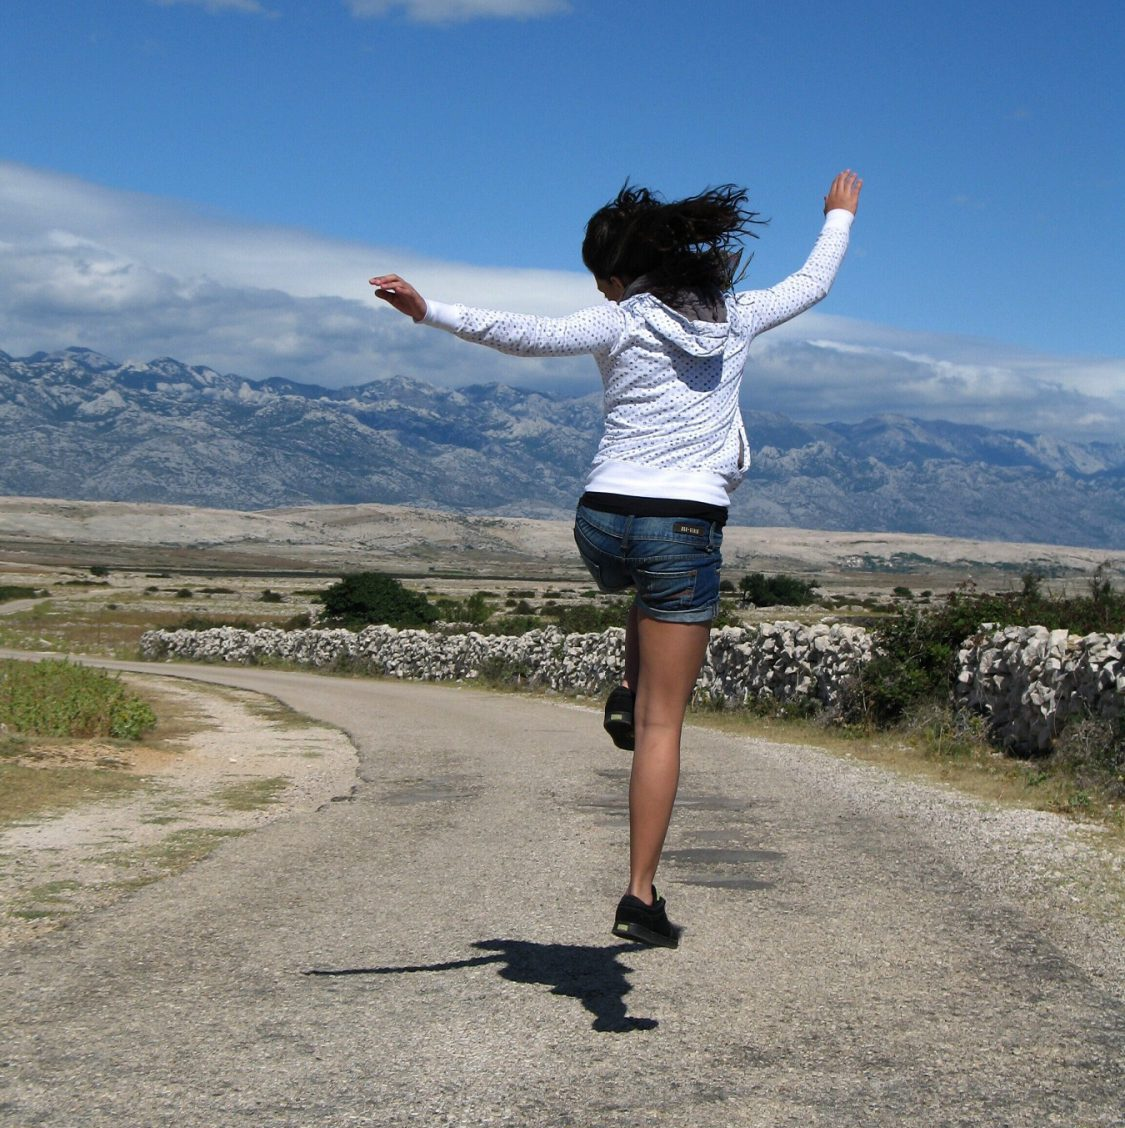 Zatańczyć siebie, czyli o terapii poprzez taniec i ruch – artykuł Małgorzaty Tryburskiej